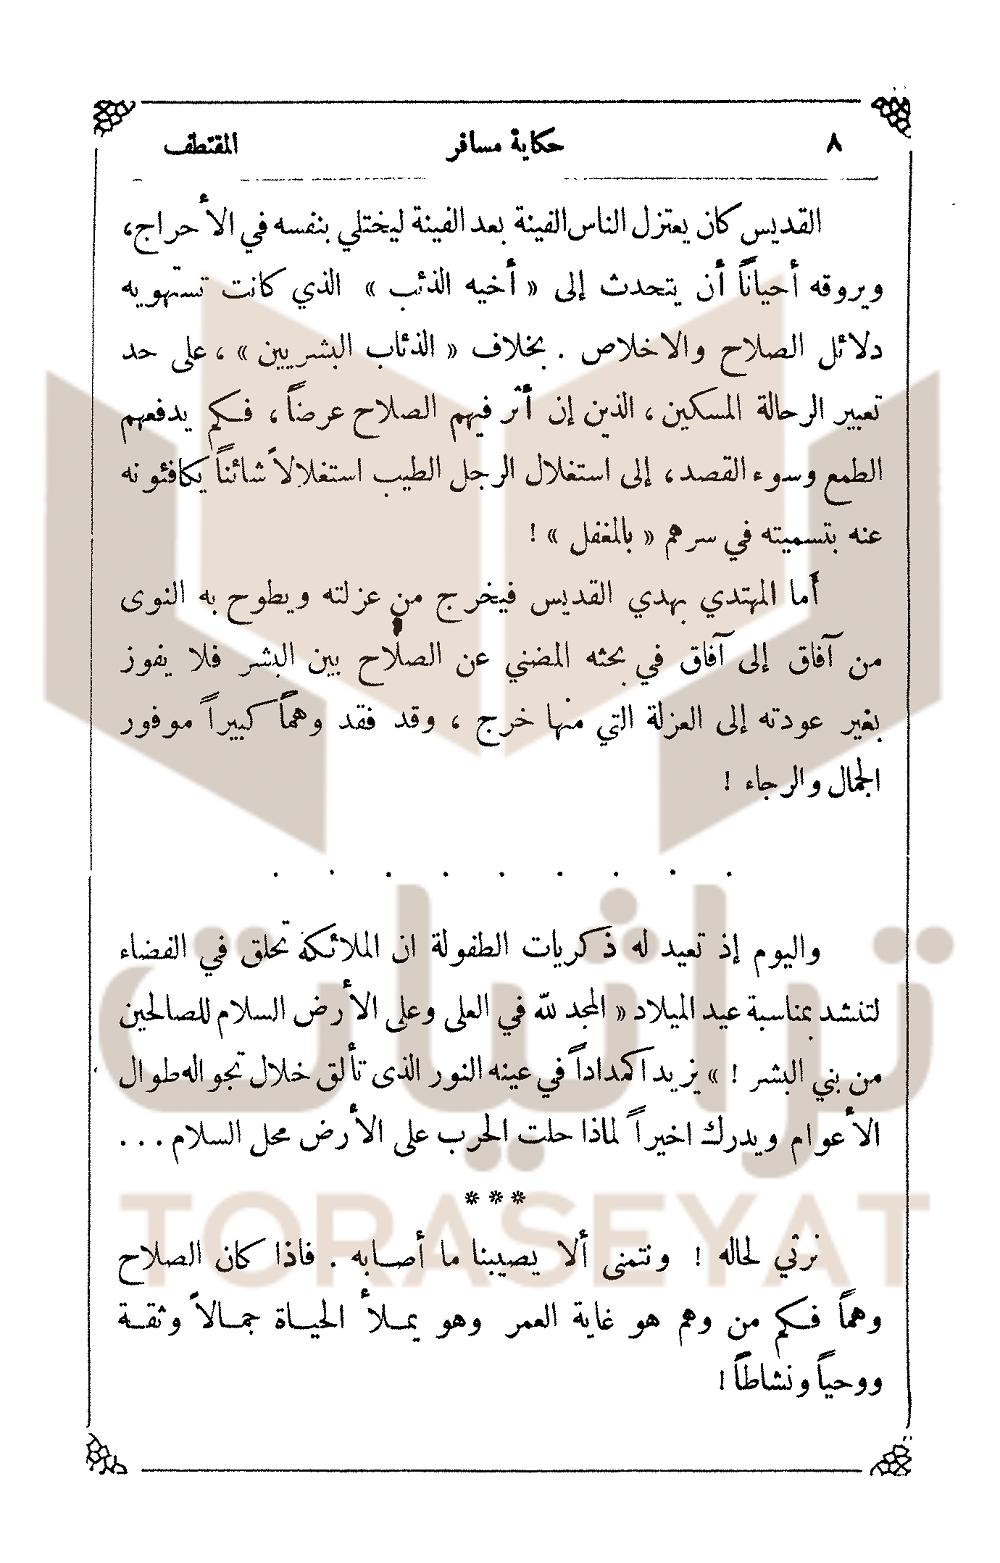 ص 3 من مقال حكاية مسافر لـ مي زيادة سنة 1931 م في المقتطف